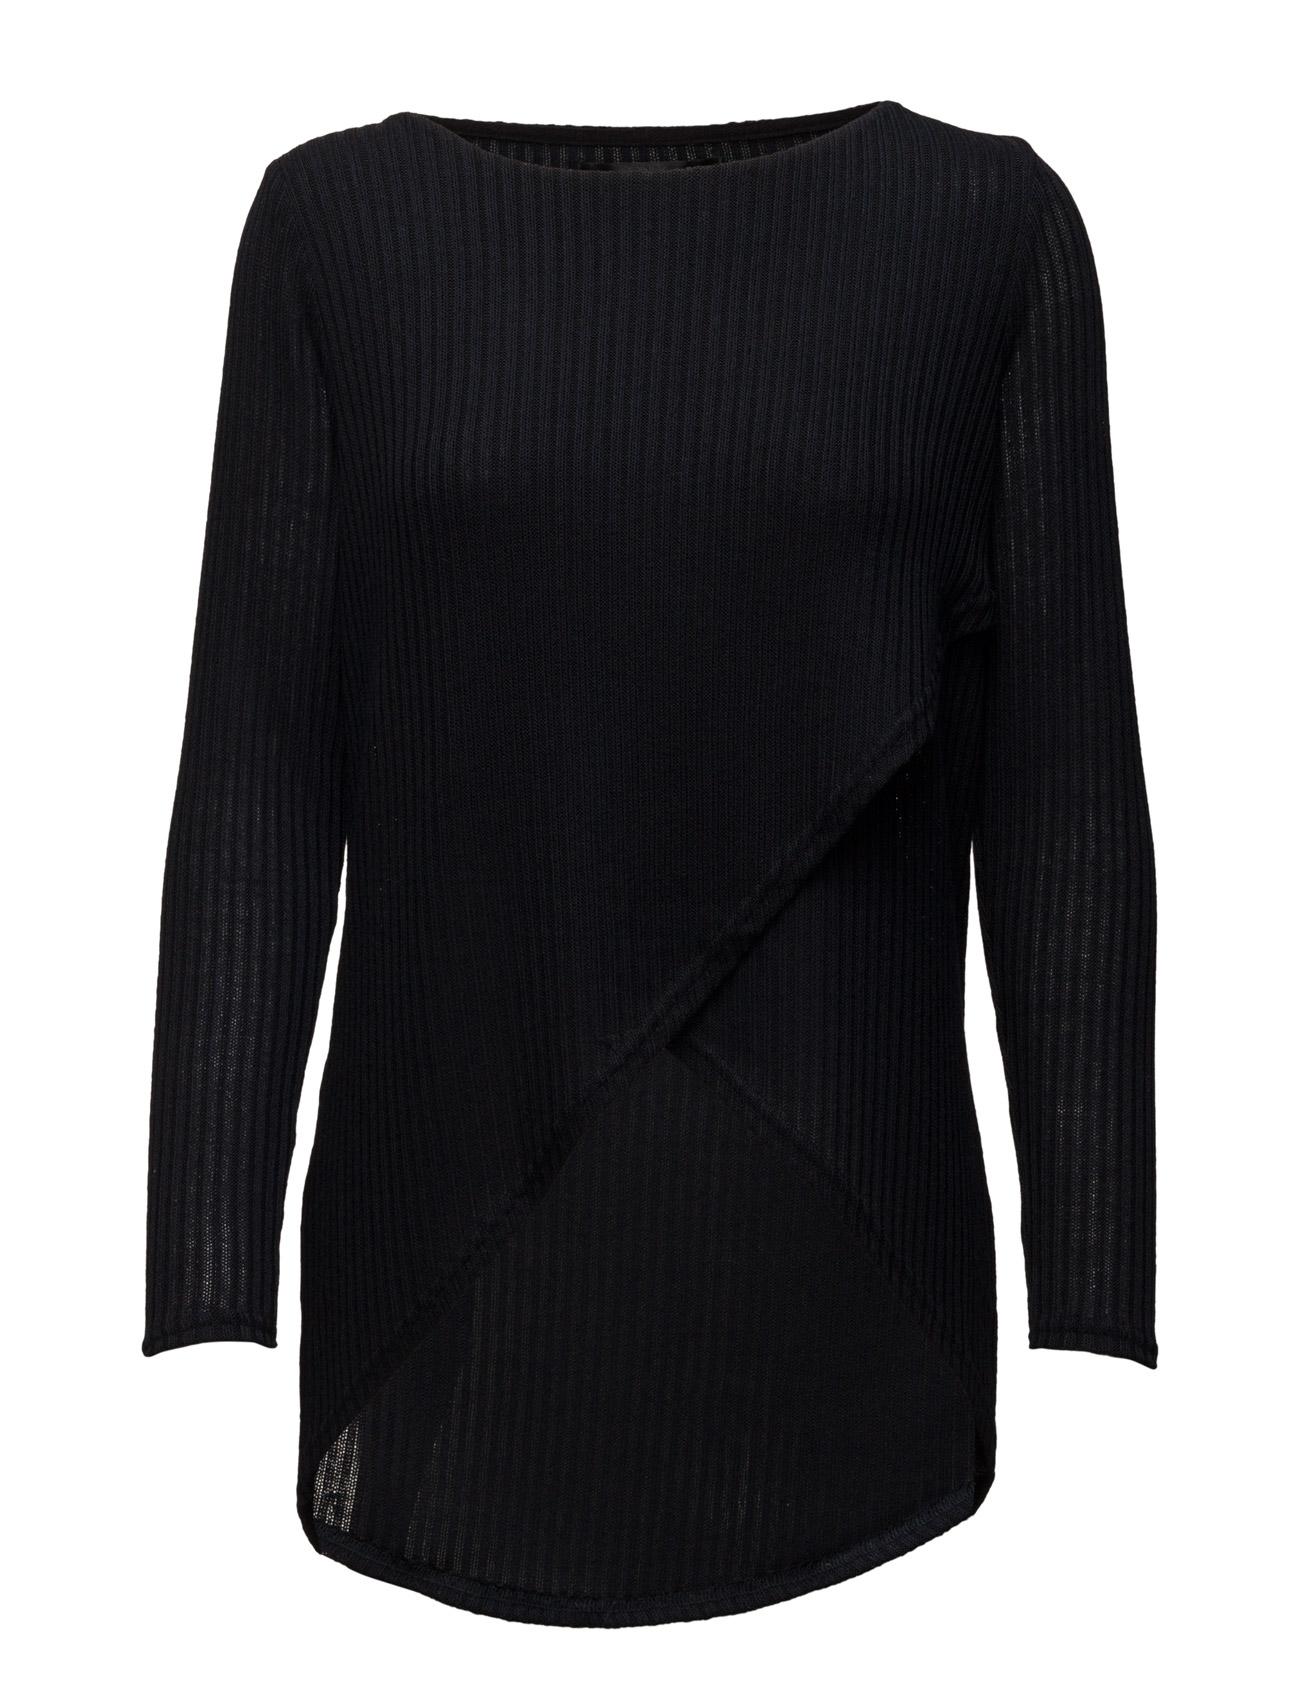 Onldhaka L/S Twist Pullover Knt ONLY Sweatshirts til Kvinder i Mørk Navy